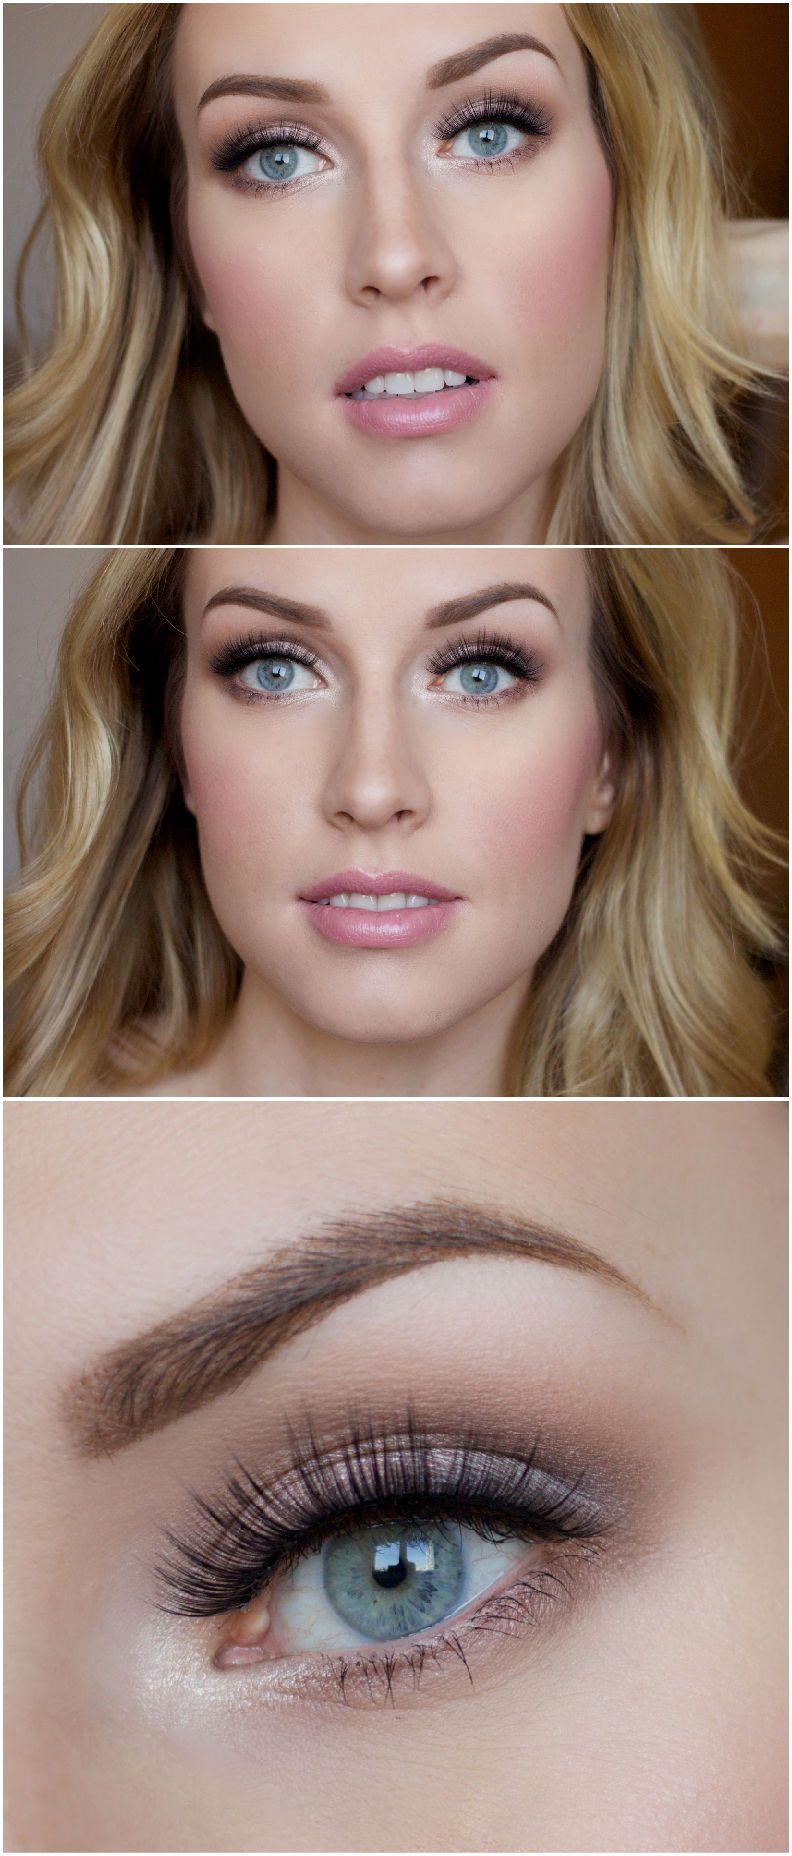 Natürliches Braut-Makeup - mit Wimpern Akzente setzen #Makeup #Bridalmakeup